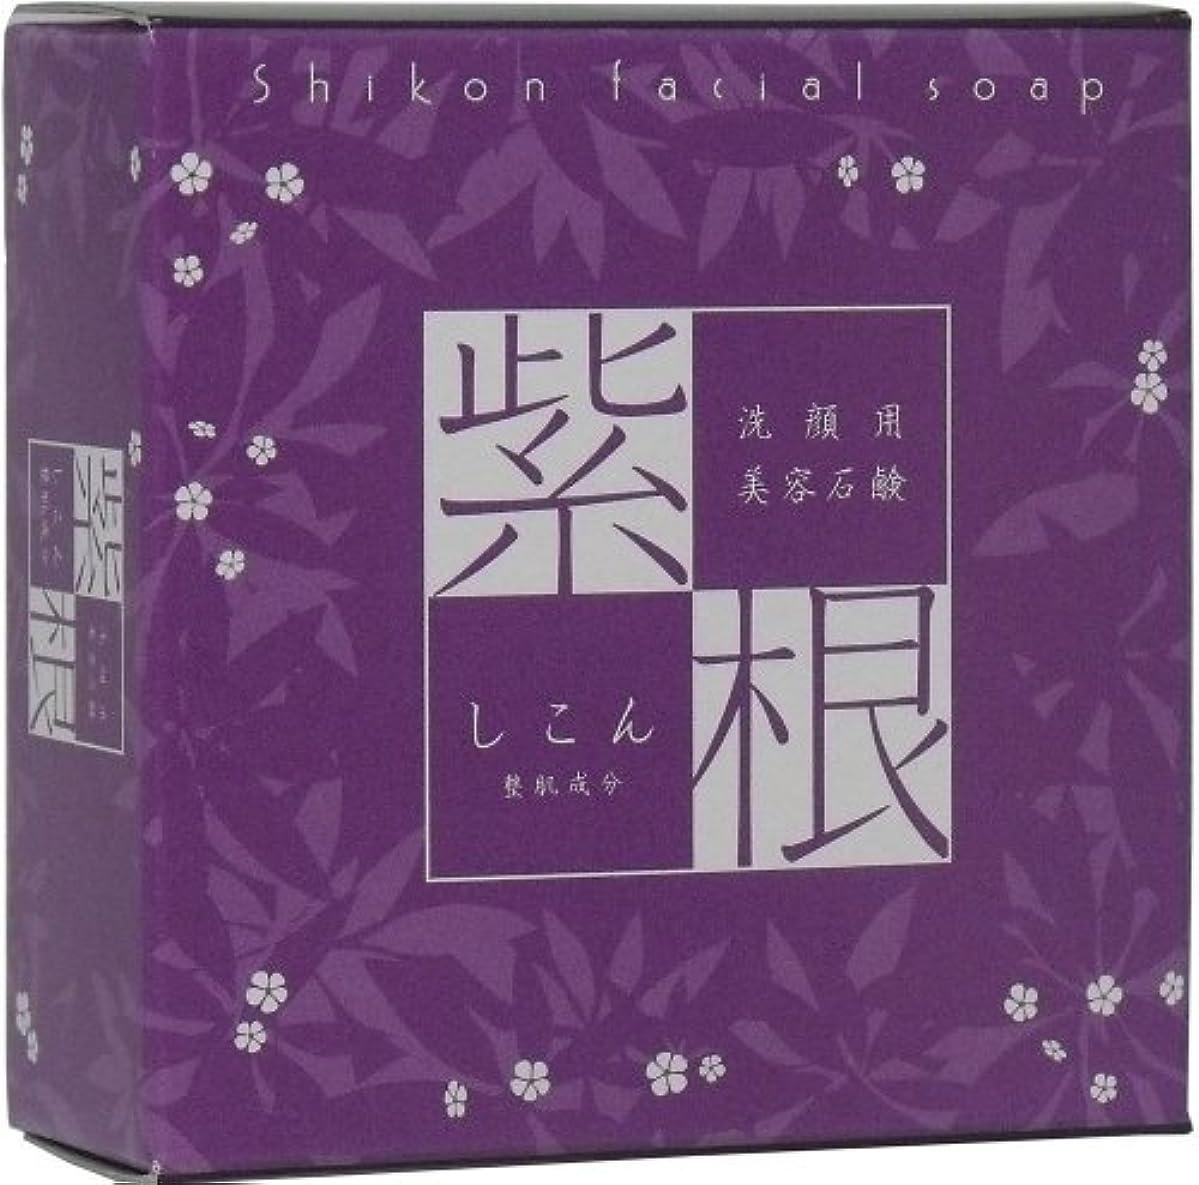 合成機関車注文洗顔用 紫根石けん (泡立てネット付き) 100g ×10個セット